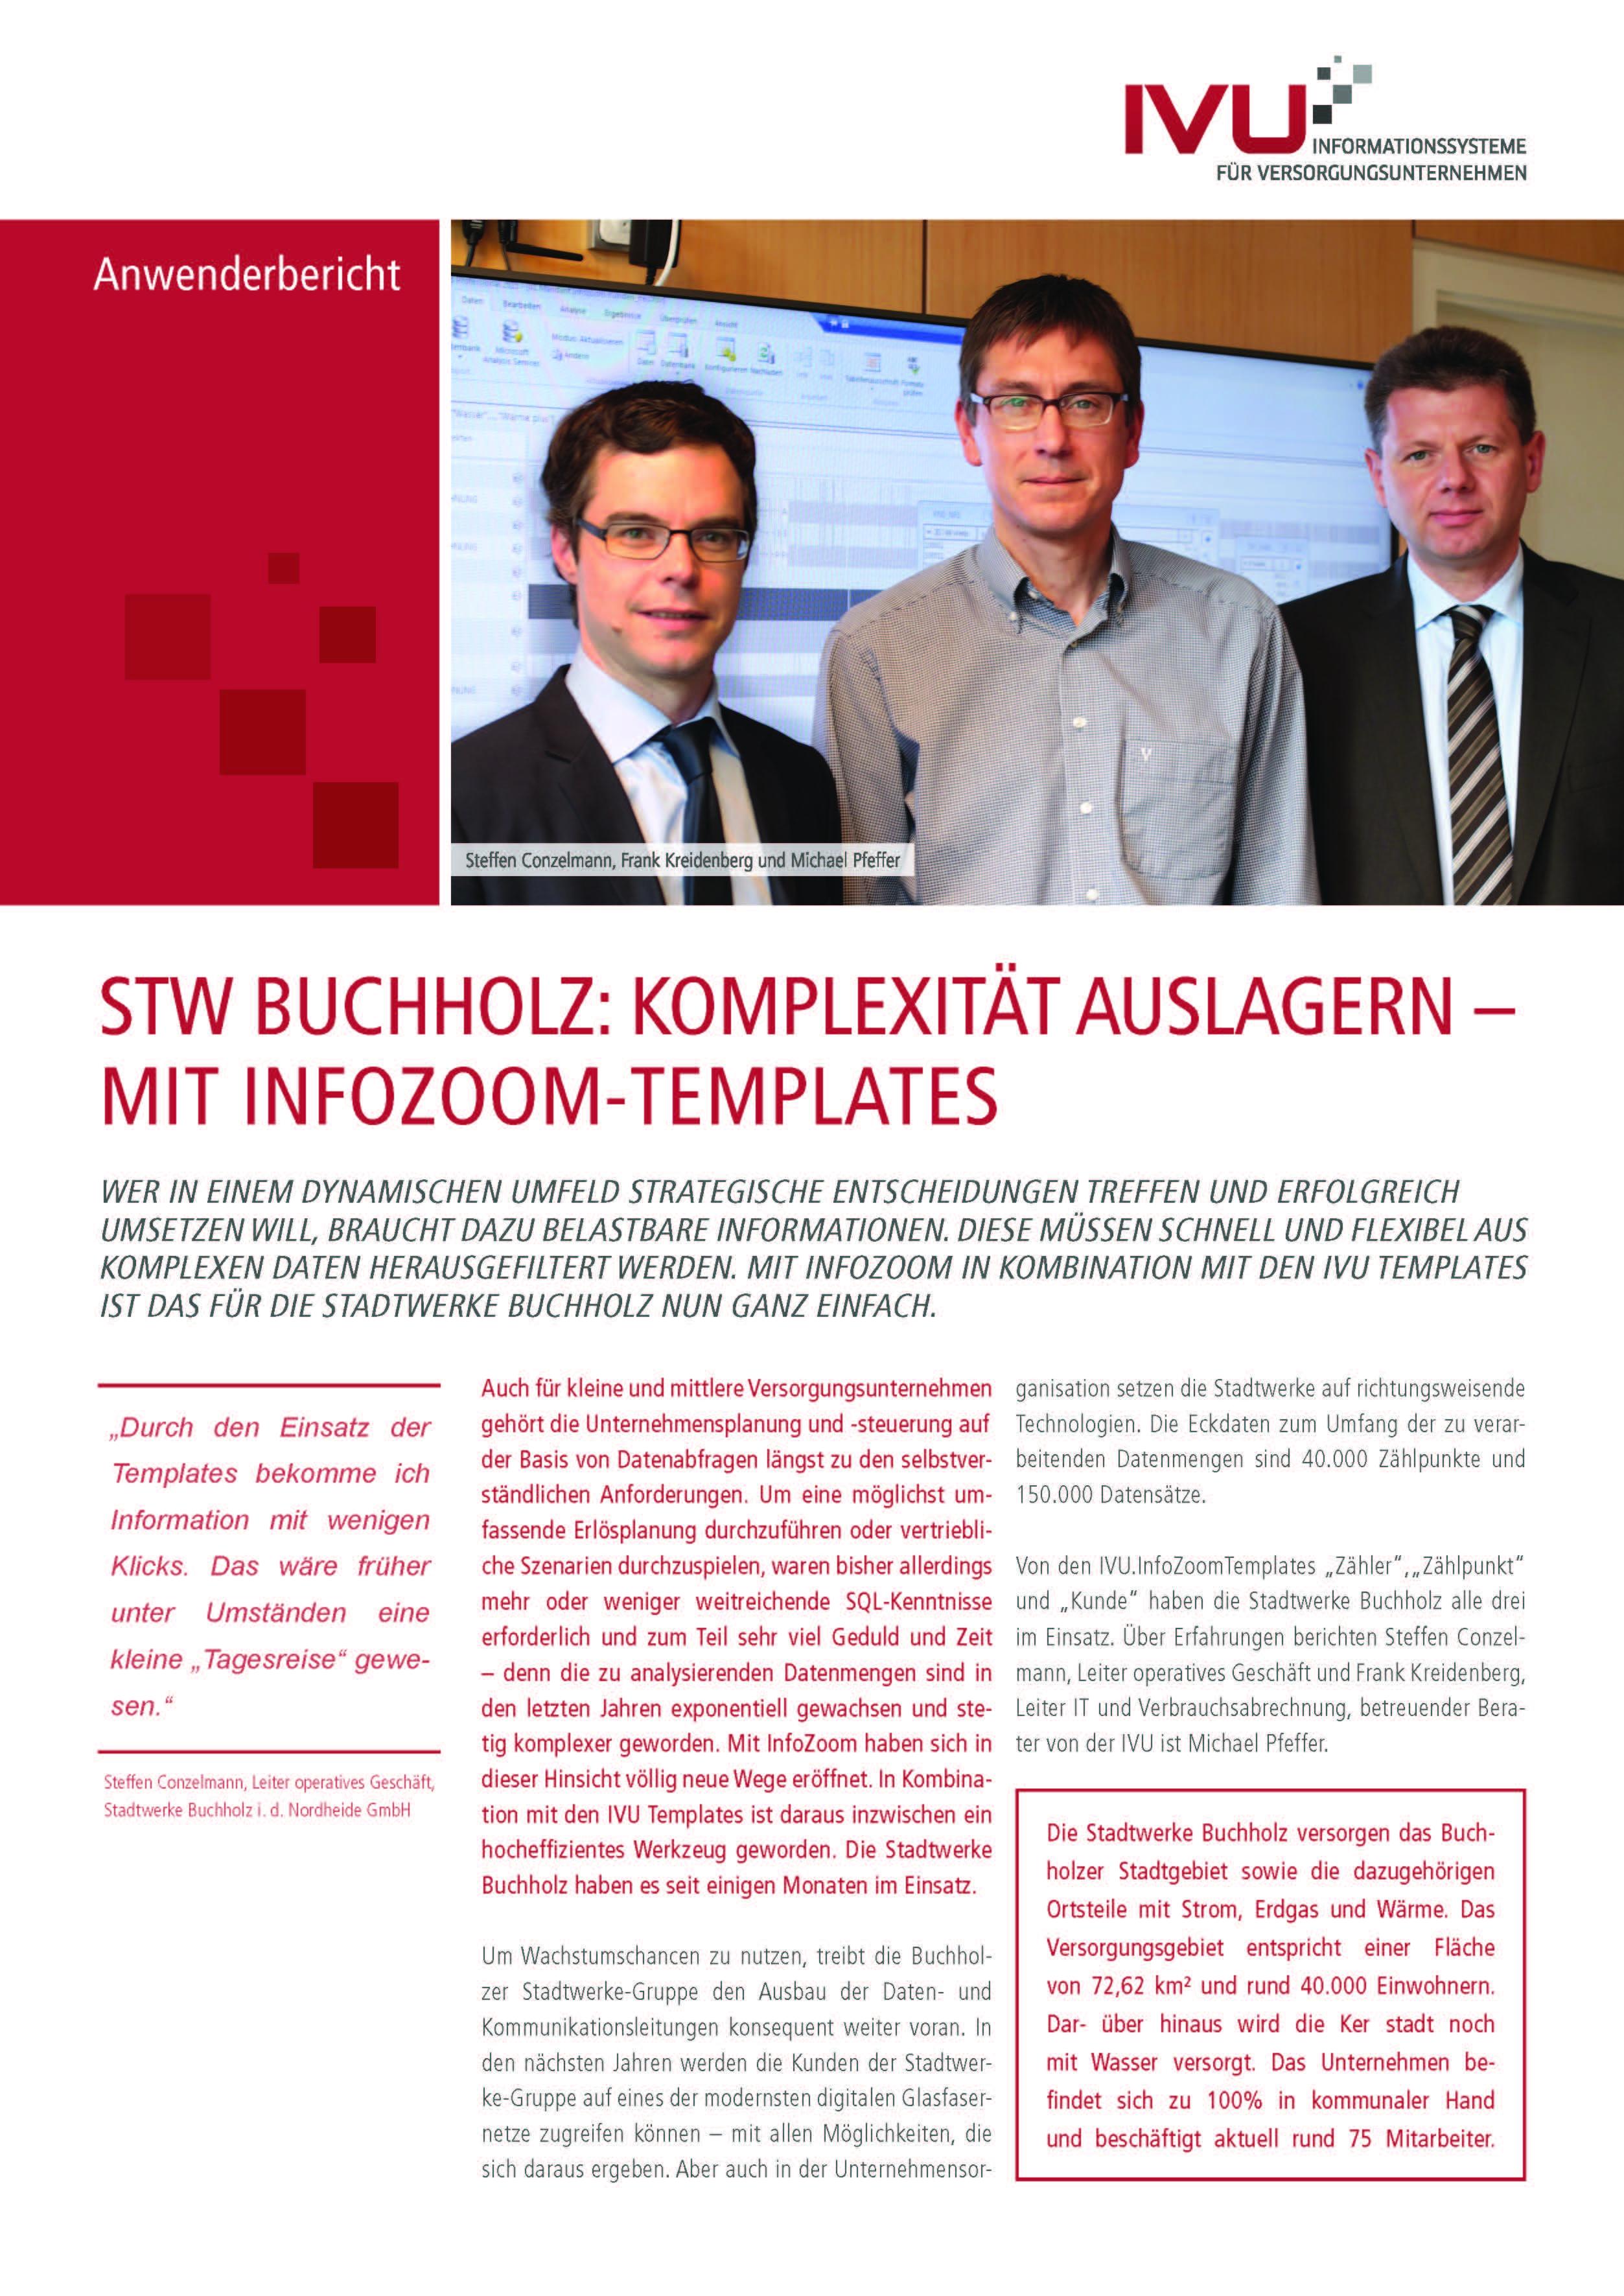 IVU.InfoZoom-Templates bei den Stadtwerken Buchholz